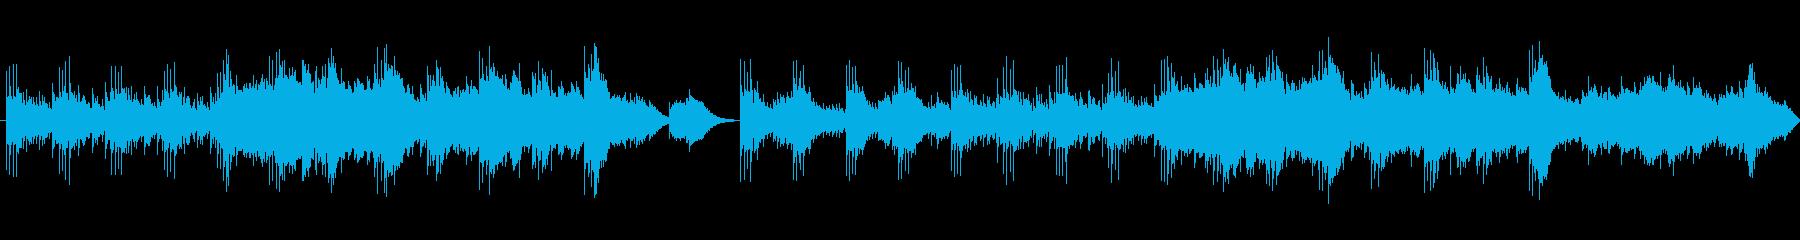 妖艶な雰囲気のコンピューターミュージックの再生済みの波形